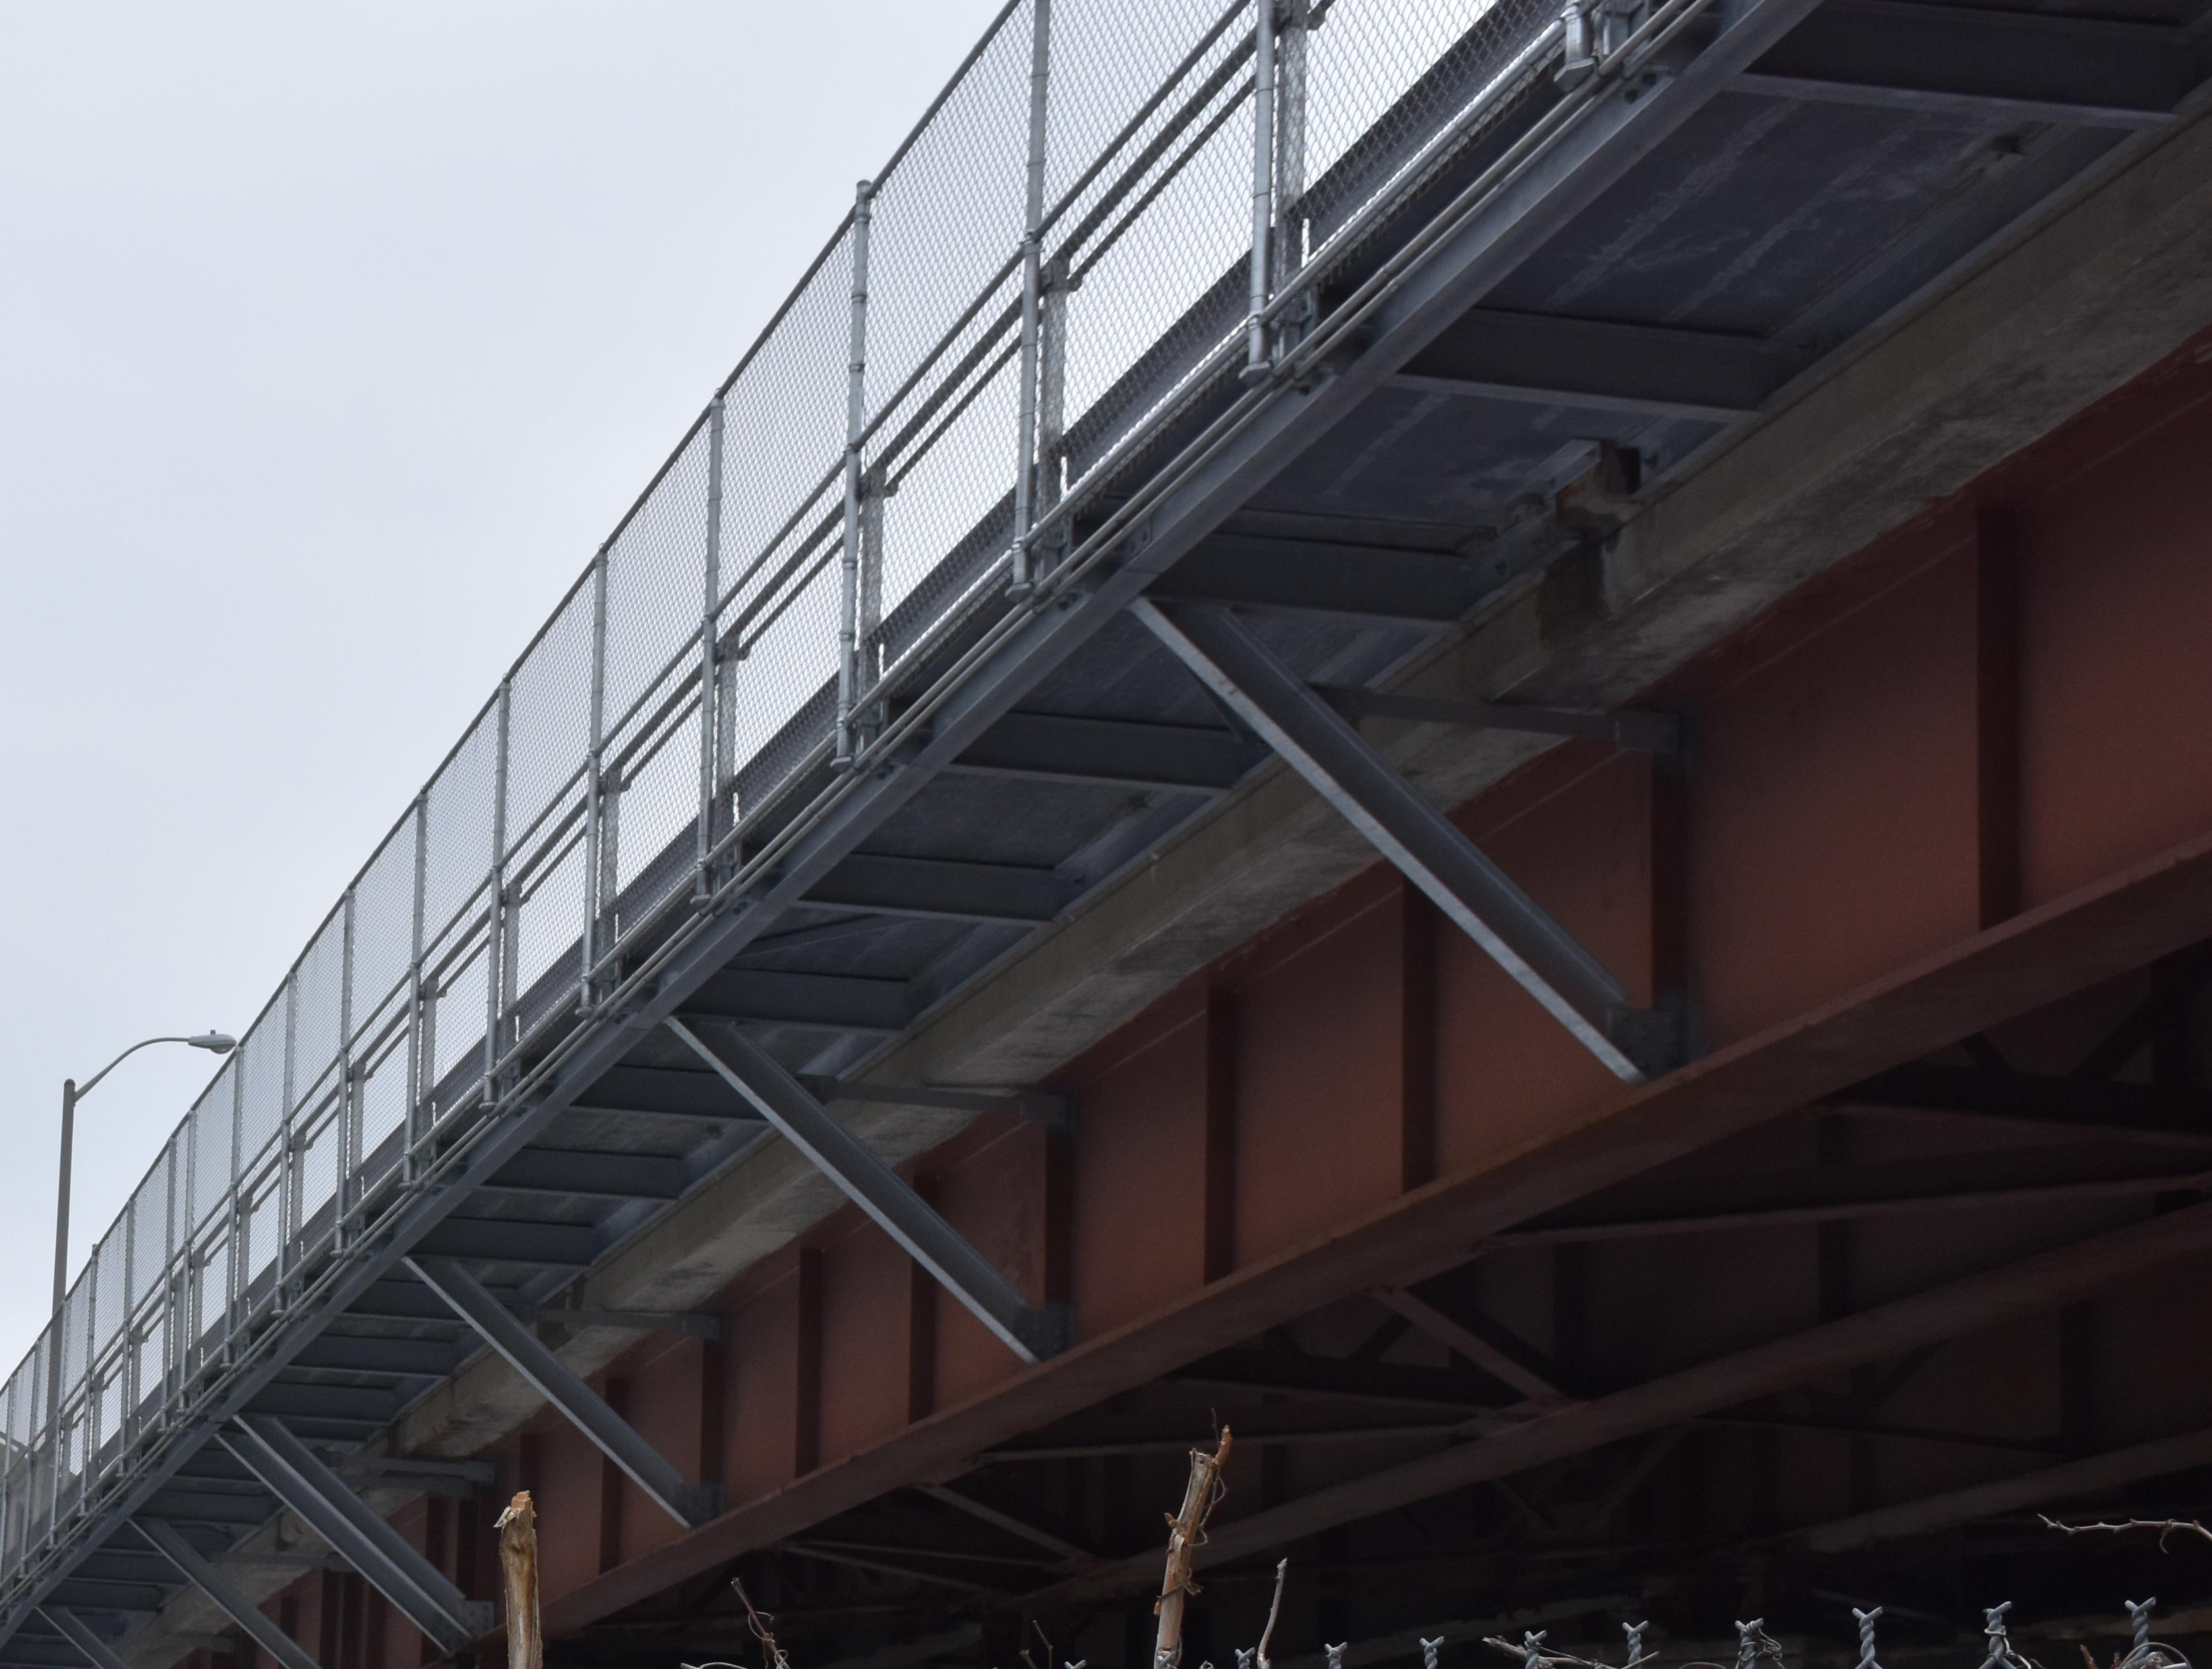 7 - Underside of bridge with railing.jpg